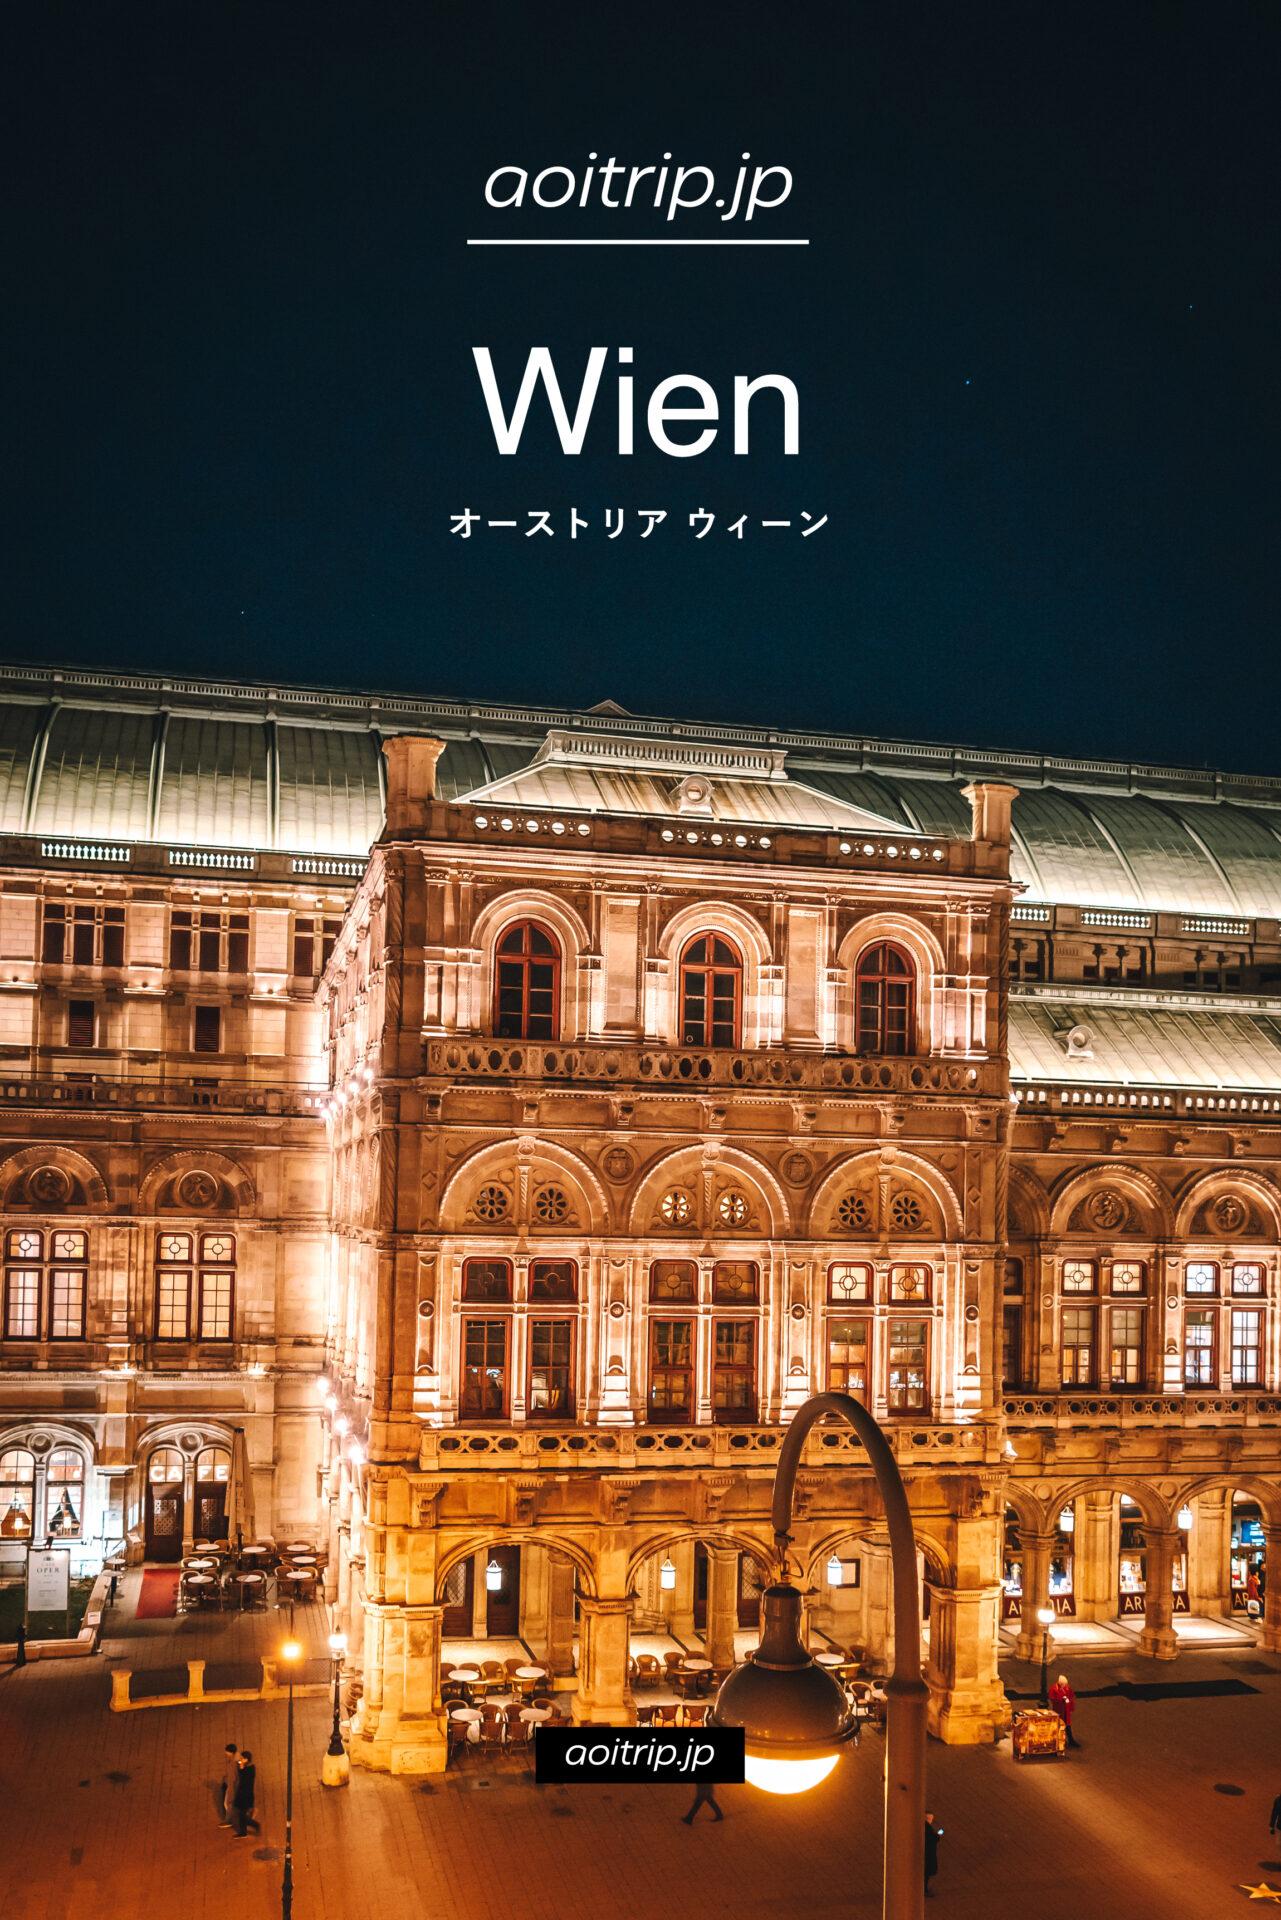 オーストリア ウィーン歴史地区 観光の見どころ Wien, Austria